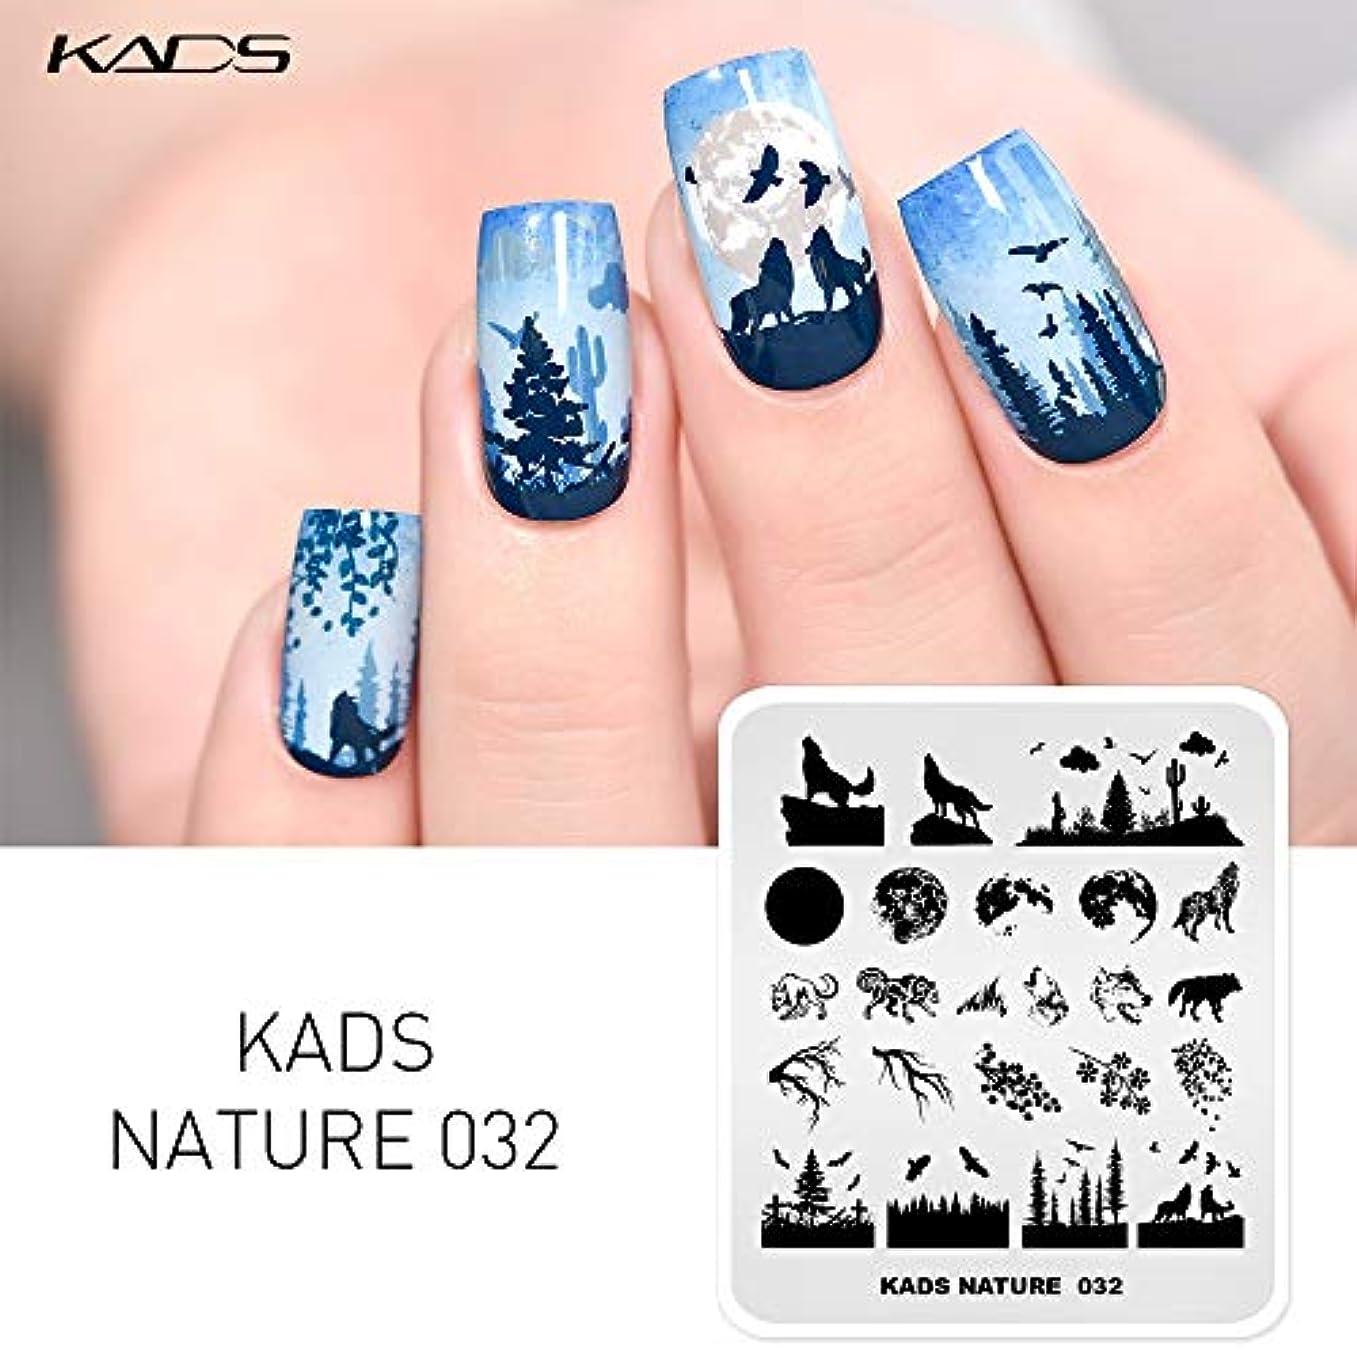 グラフィック試み販売計画KADS ネイルスタンププレート オオカミ 森の風景 ネイルイメージプレート ネイルステンシル (NA032)